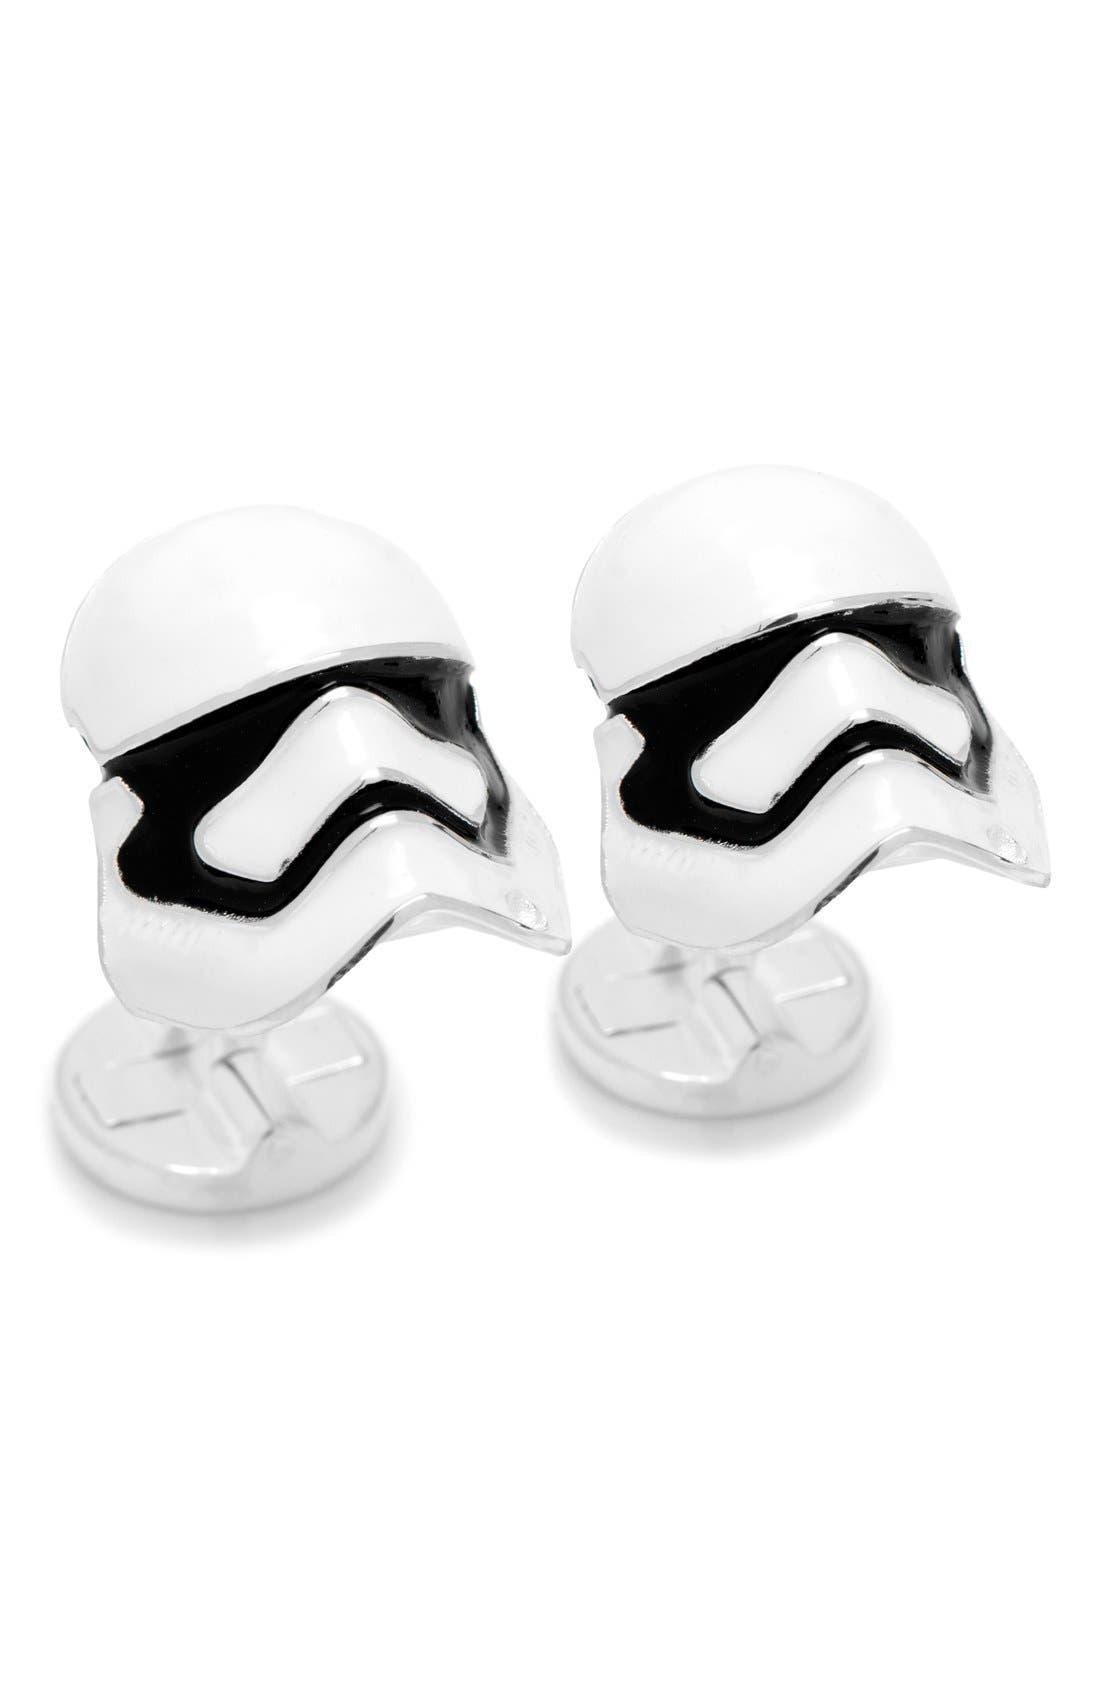 CUFFLINKS, INC. Star Wars Stormtrooper Cuff Links